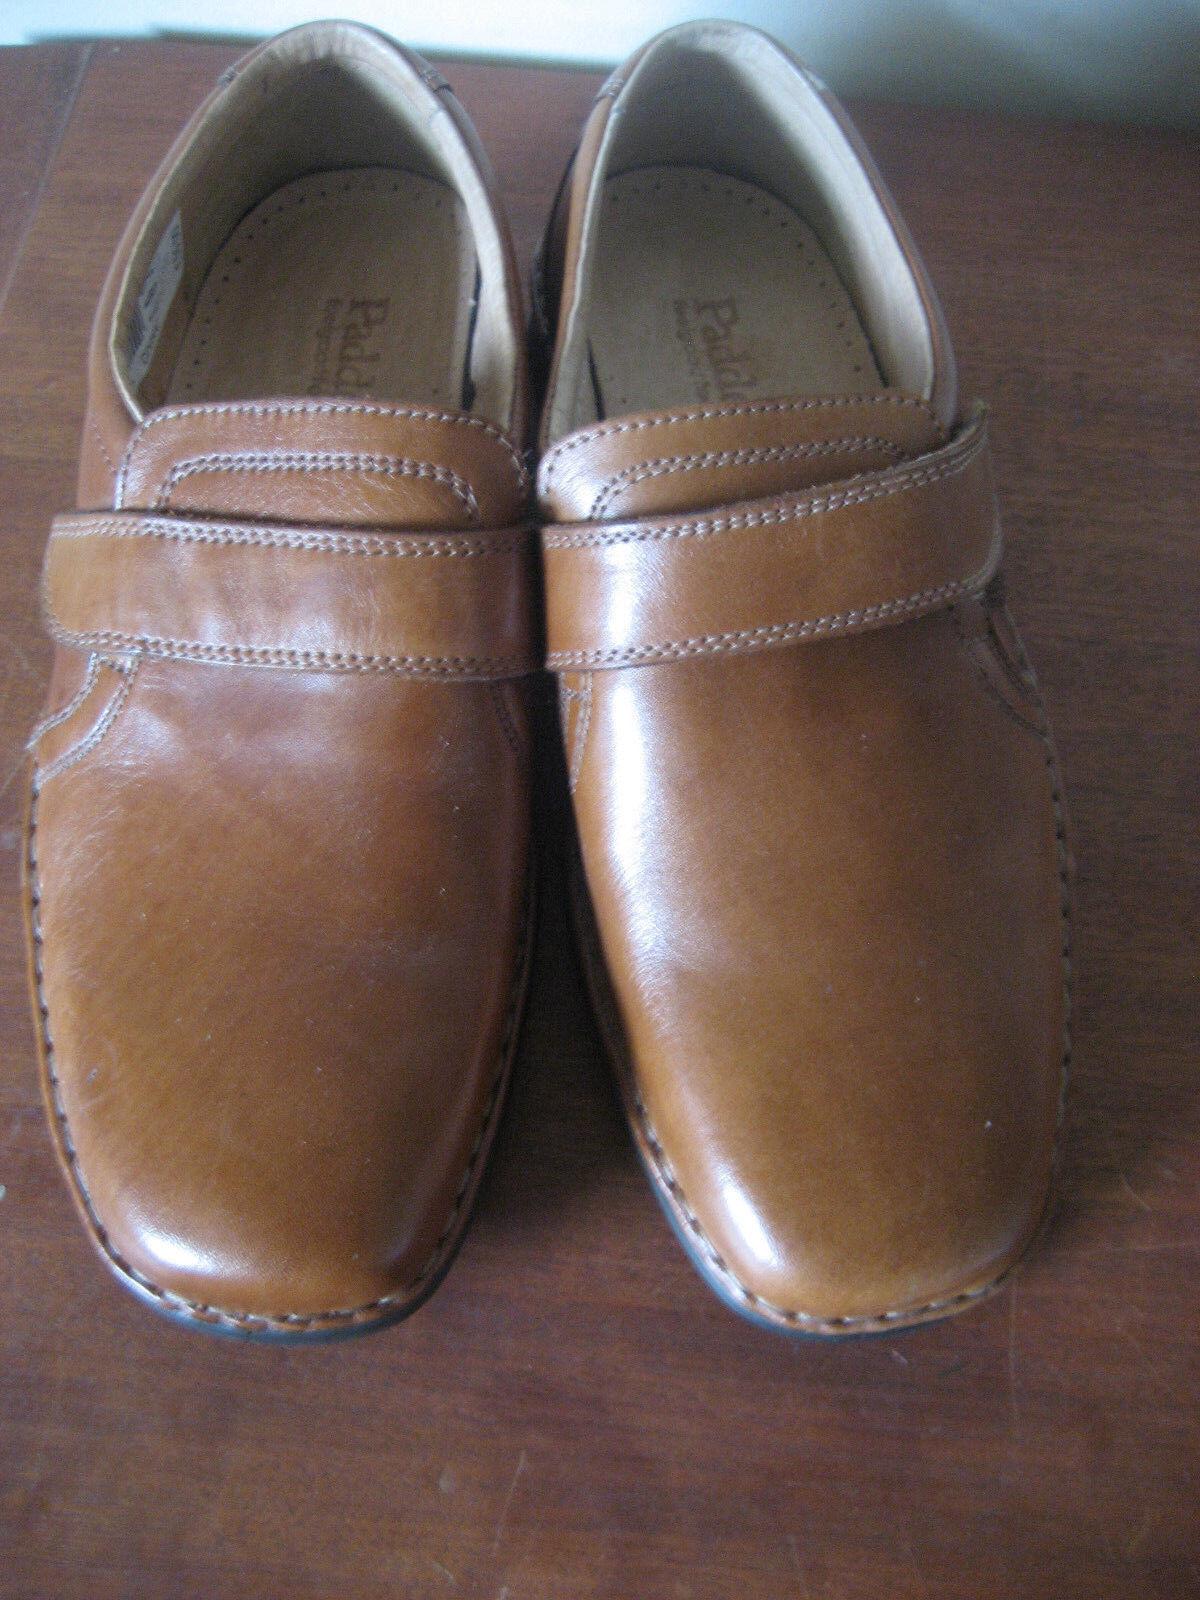 Las Nuevas Nuevas Nuevas Señoras Tan marrón Padders Coñac zapatos talla 7 (40)  70% de descuento